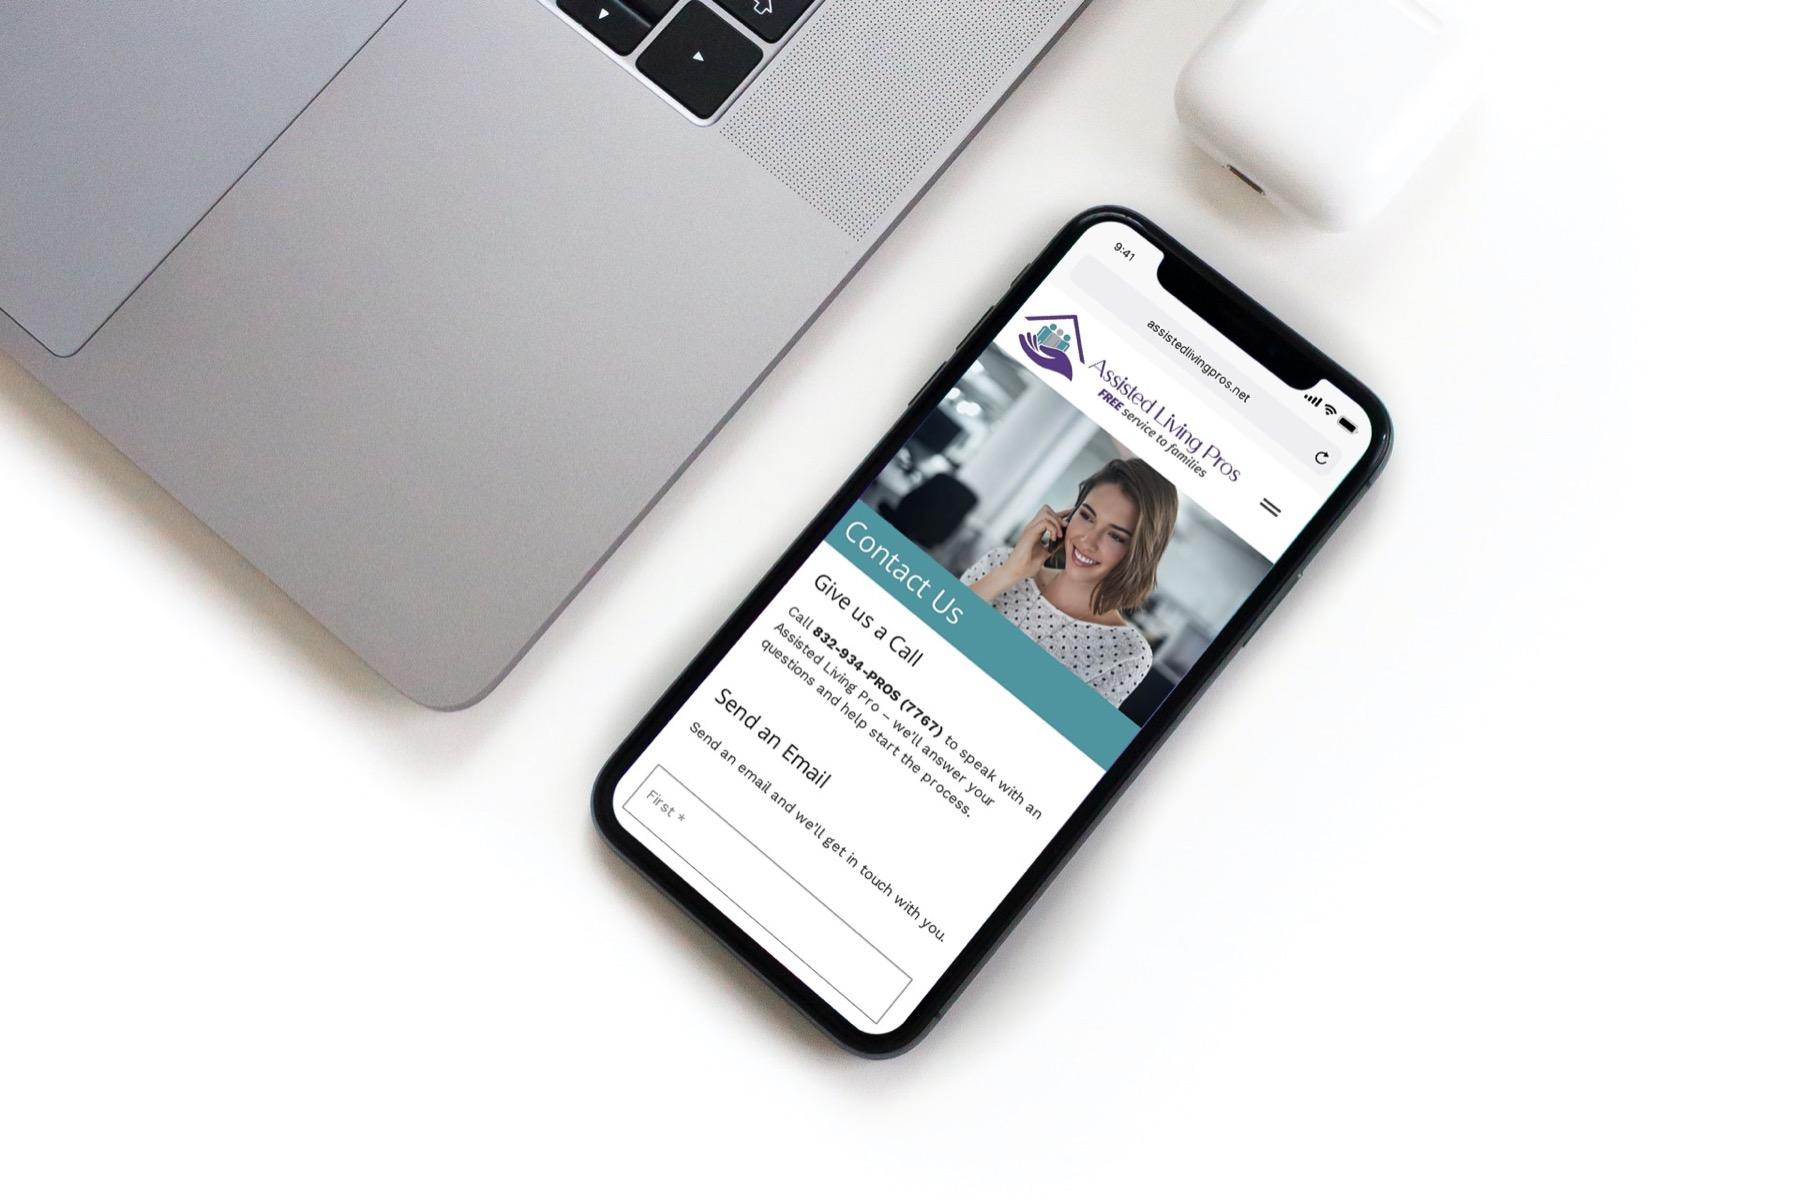 Assisted Living Pros Website Design - Smartphone